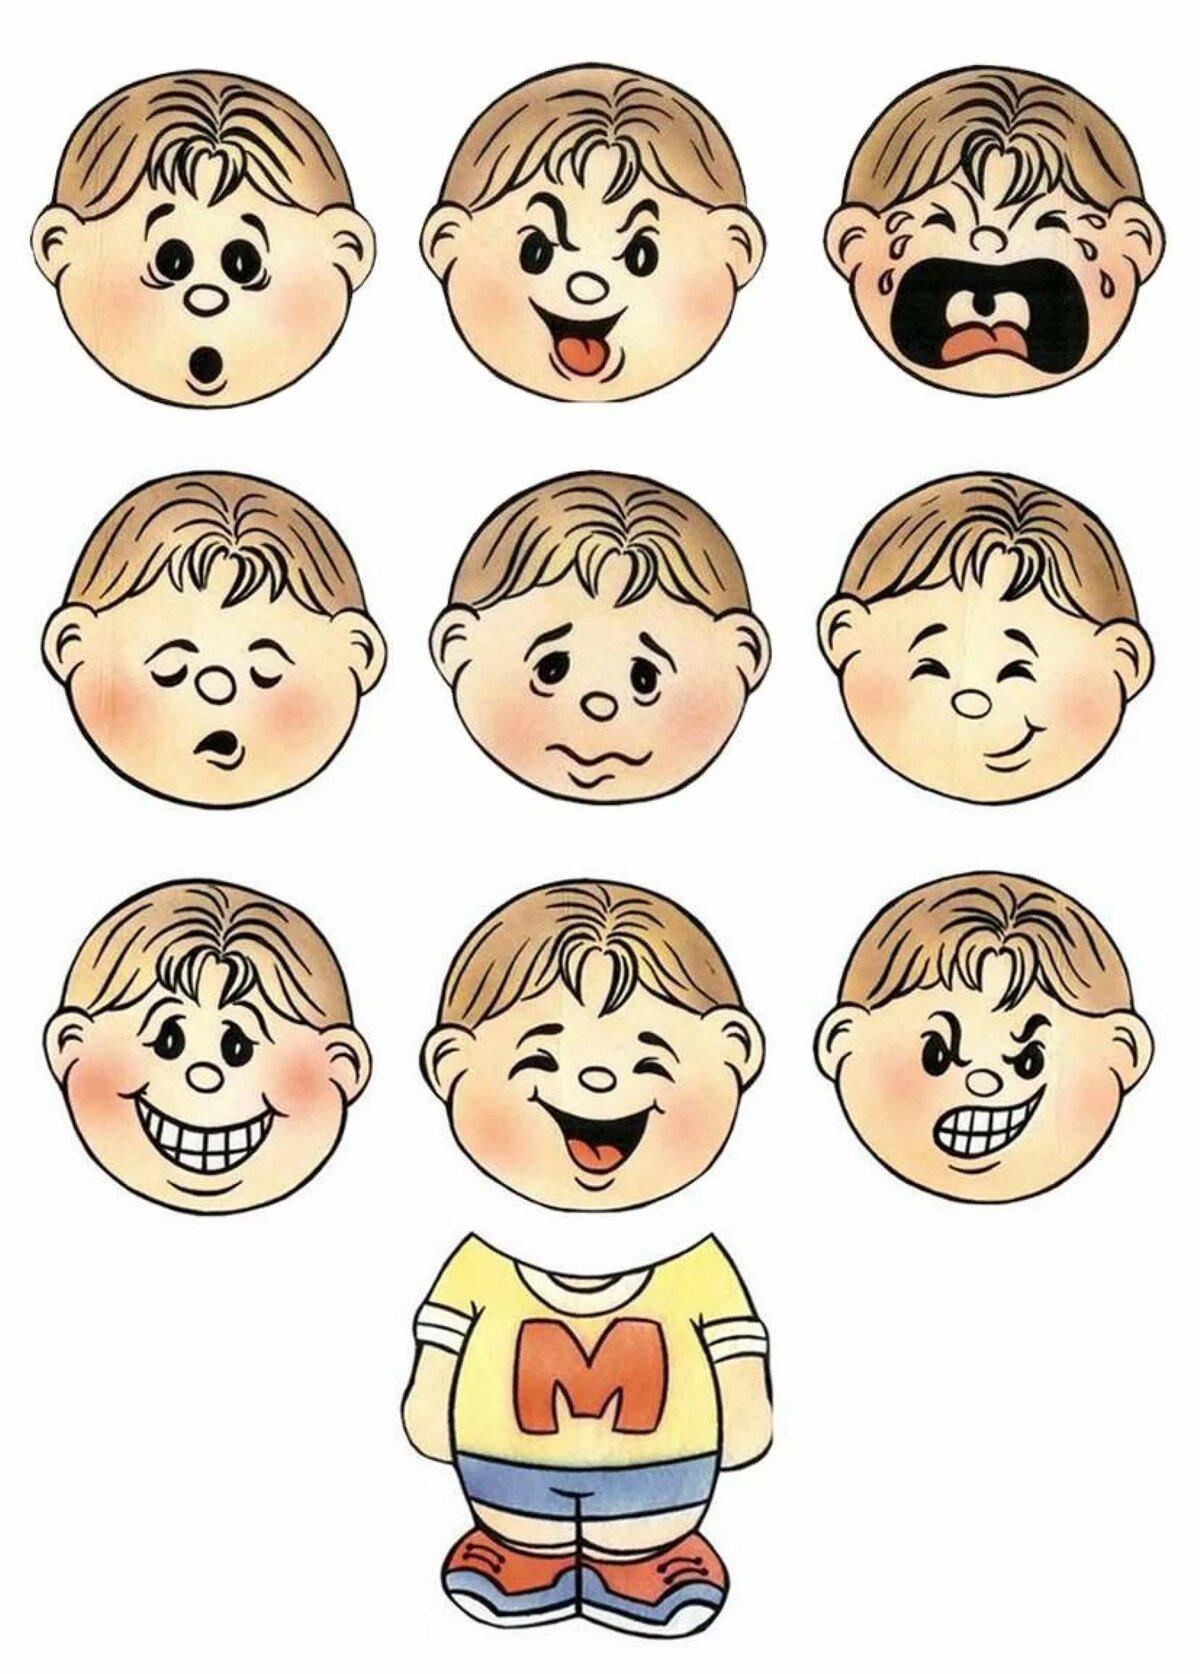 жилищно-коммунального хозяйства изображение различных эмоций картинки свиные отбивные помидорами